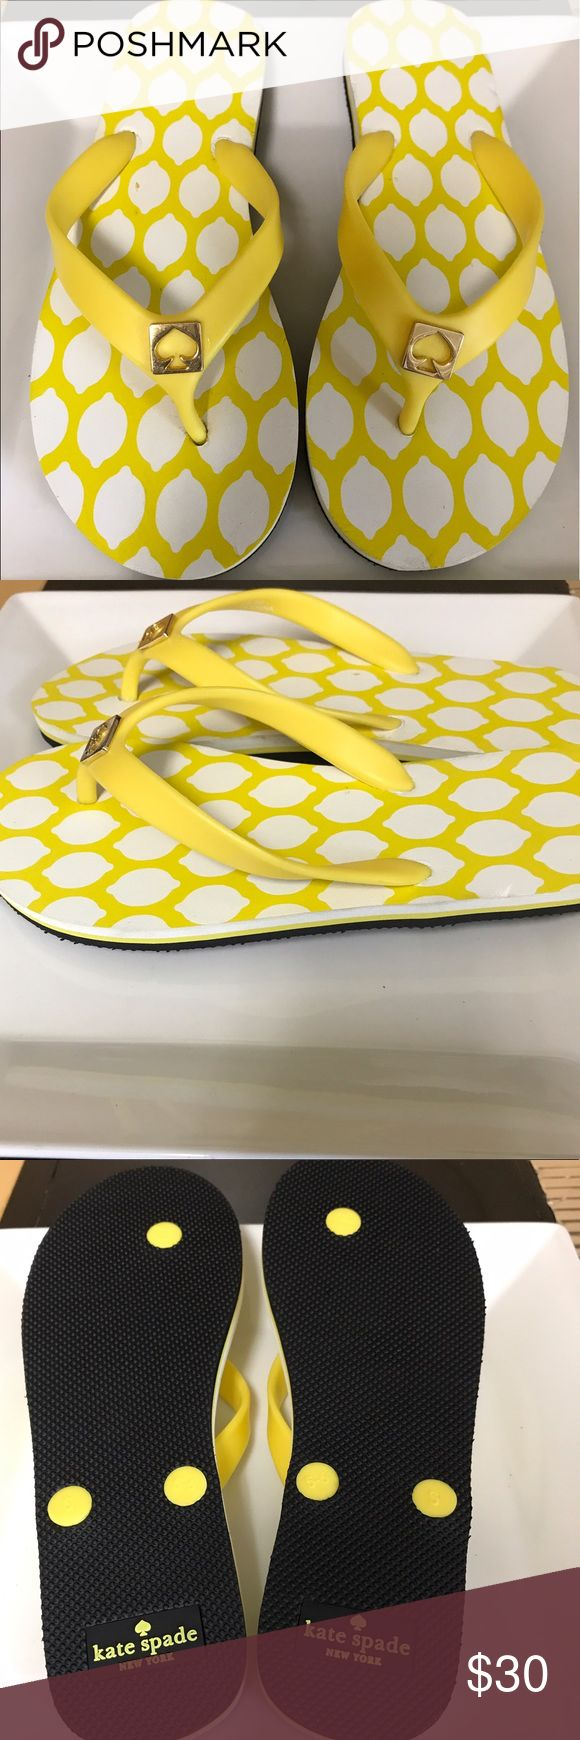 Kate Spade Lemon Flip Flops Kate Spade lemon Flip Flops. Size S (5-6). Never worn. Spots near strap - I believe it was that way from factory. kate spade Shoes Sandals